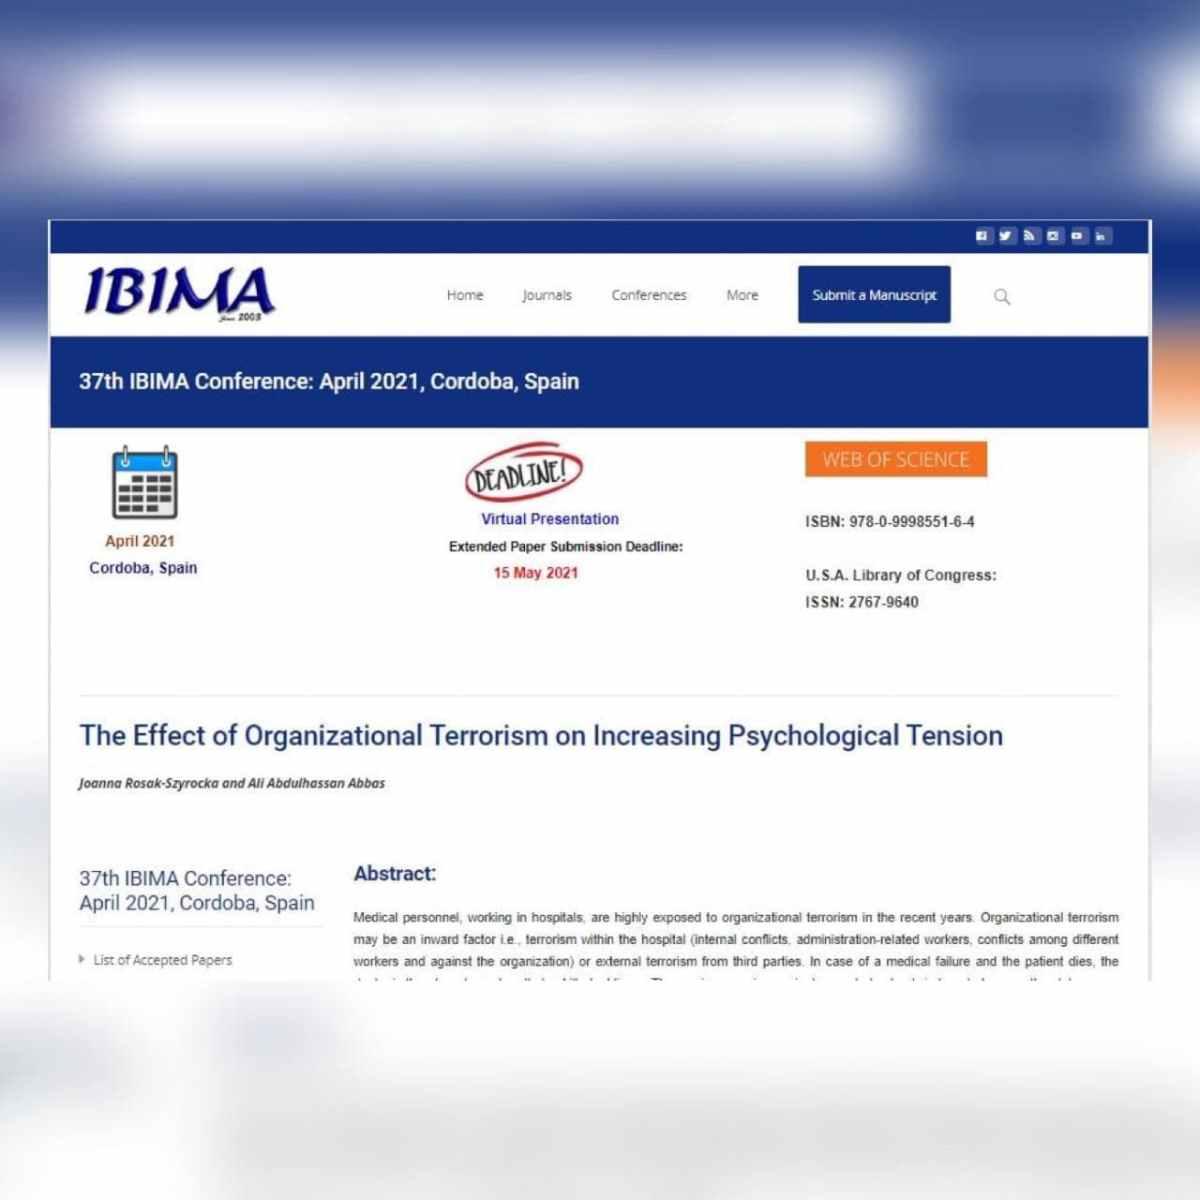 تدريسي من جامعة كربلاء  يشارك في المؤتمر السابع والثلاثون للجمعية الدولية لإدارة معلومات الأعمال IBIMA) 1-2)